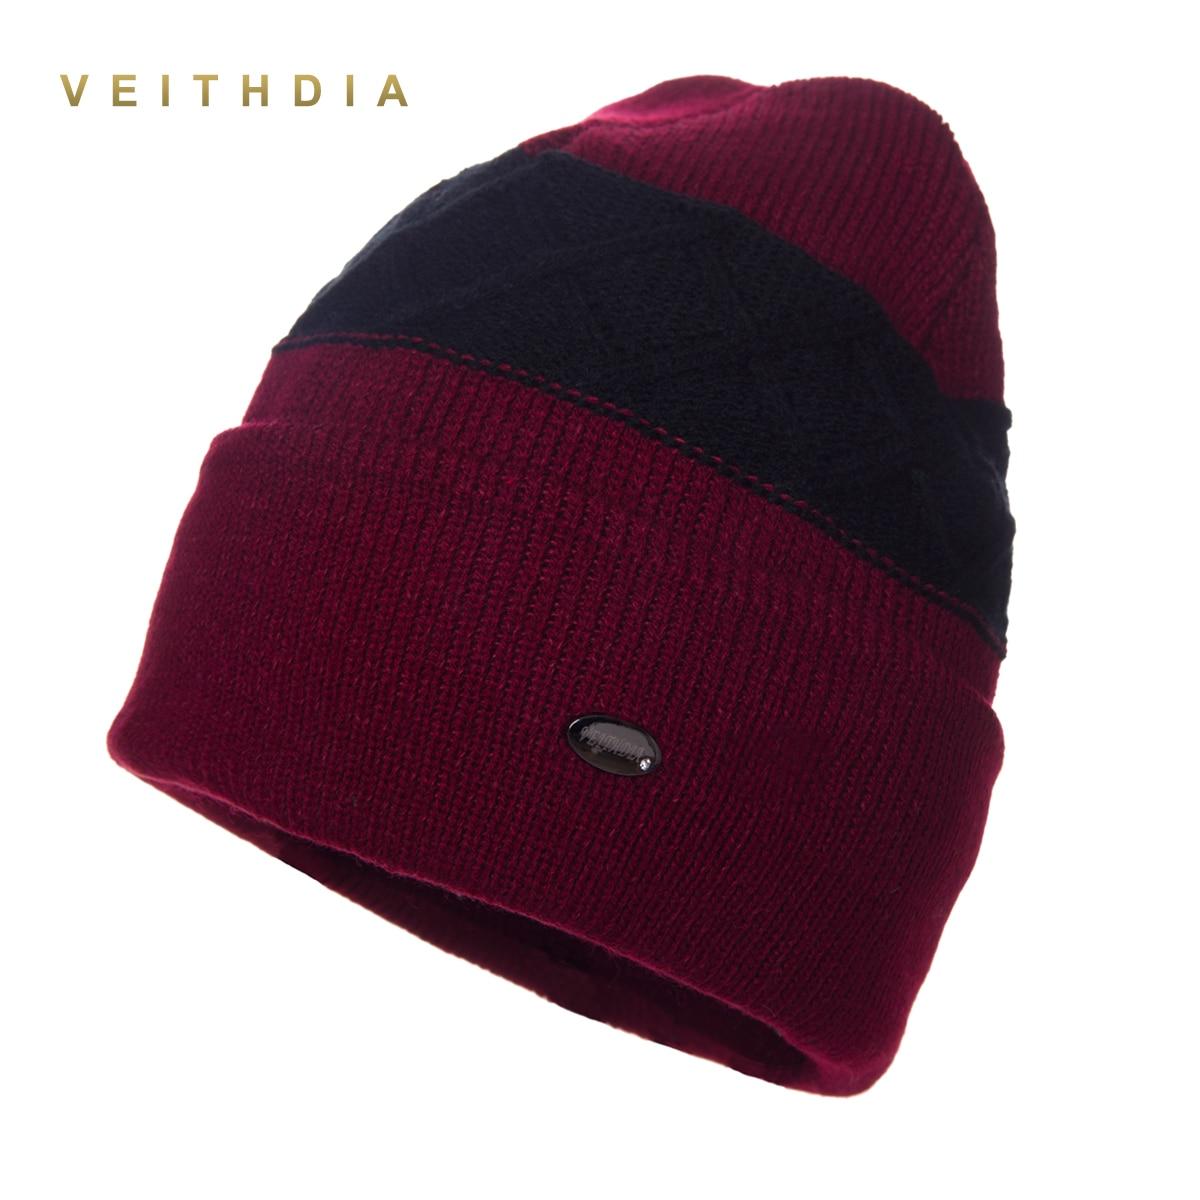 VEITHDIA Super cool Skullies hats for men beanies Knitted plus velvet Patchwork Color Cap winter men